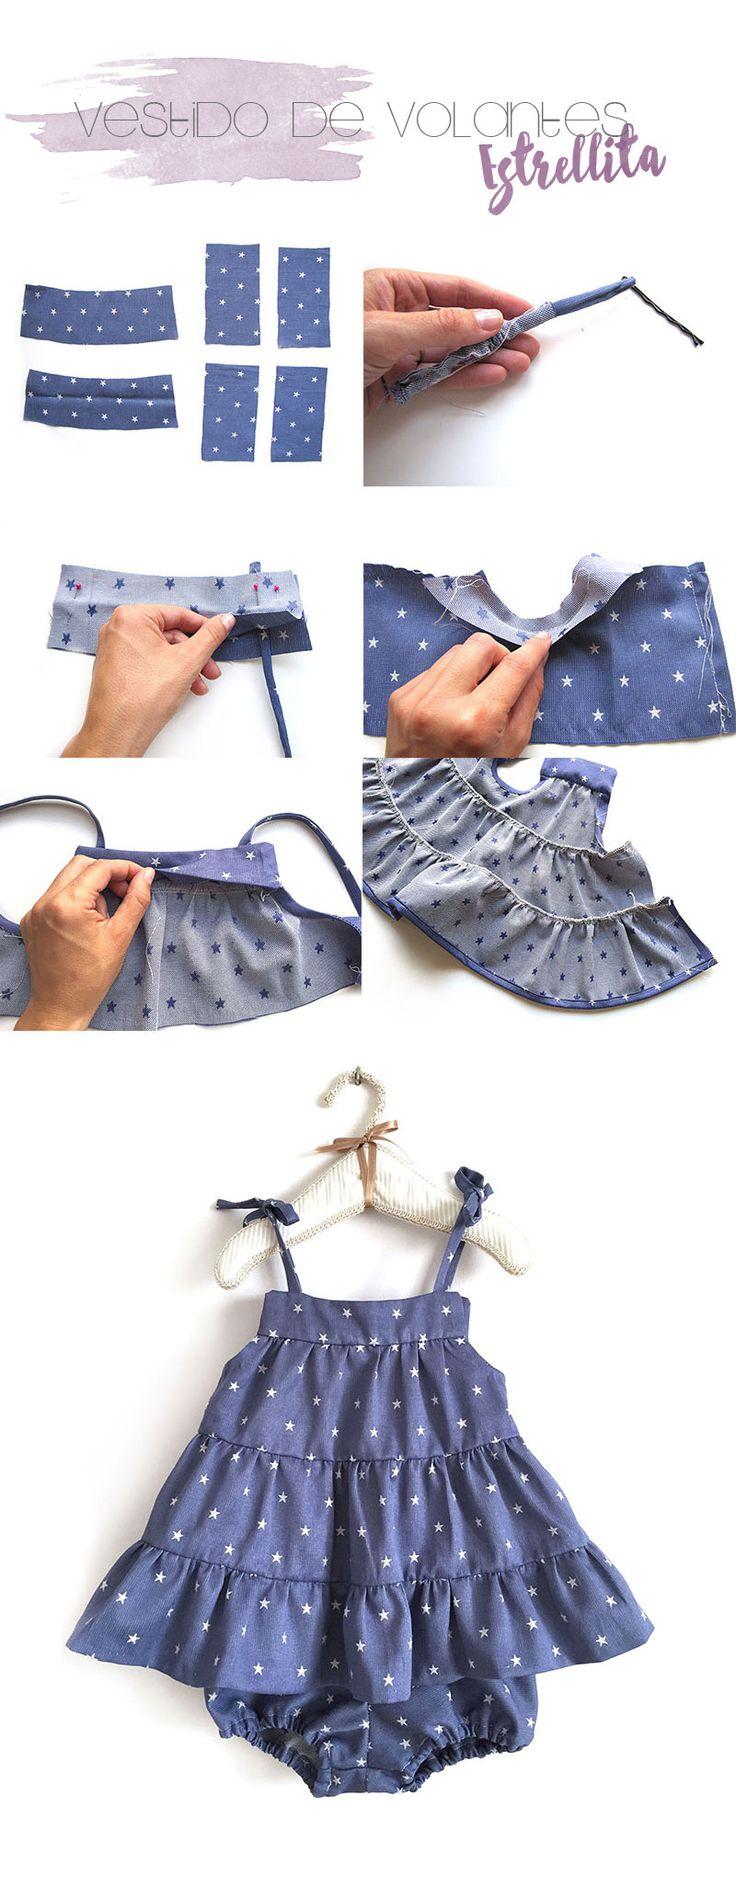 In Spanish, but has lots of pictures. 4 tutoriales de ropa de bebé de verano DIY- Vestido de bebé de volantitos